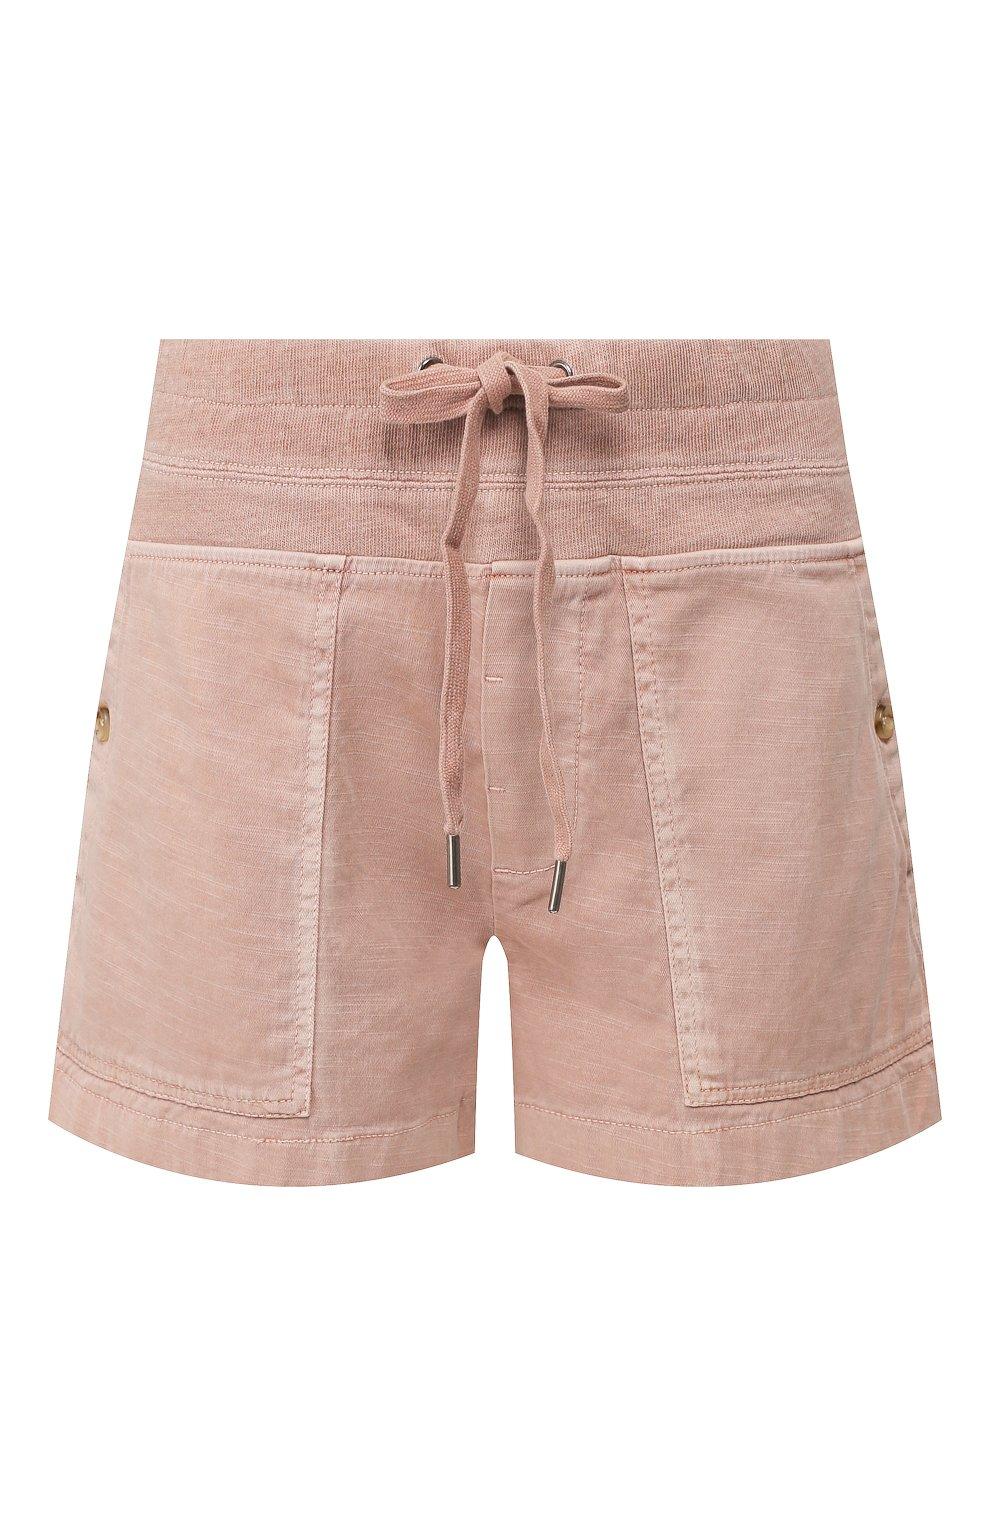 Женские хлопковые шорты JAMES PERSE розового цвета, арт. WACS4271 | Фото 1 (Женское Кросс-КТ: Шорты-одежда; Длина Ж (юбки, платья, шорты): Мини; Материал внешний: Хлопок; Стили: Спорт-шик)